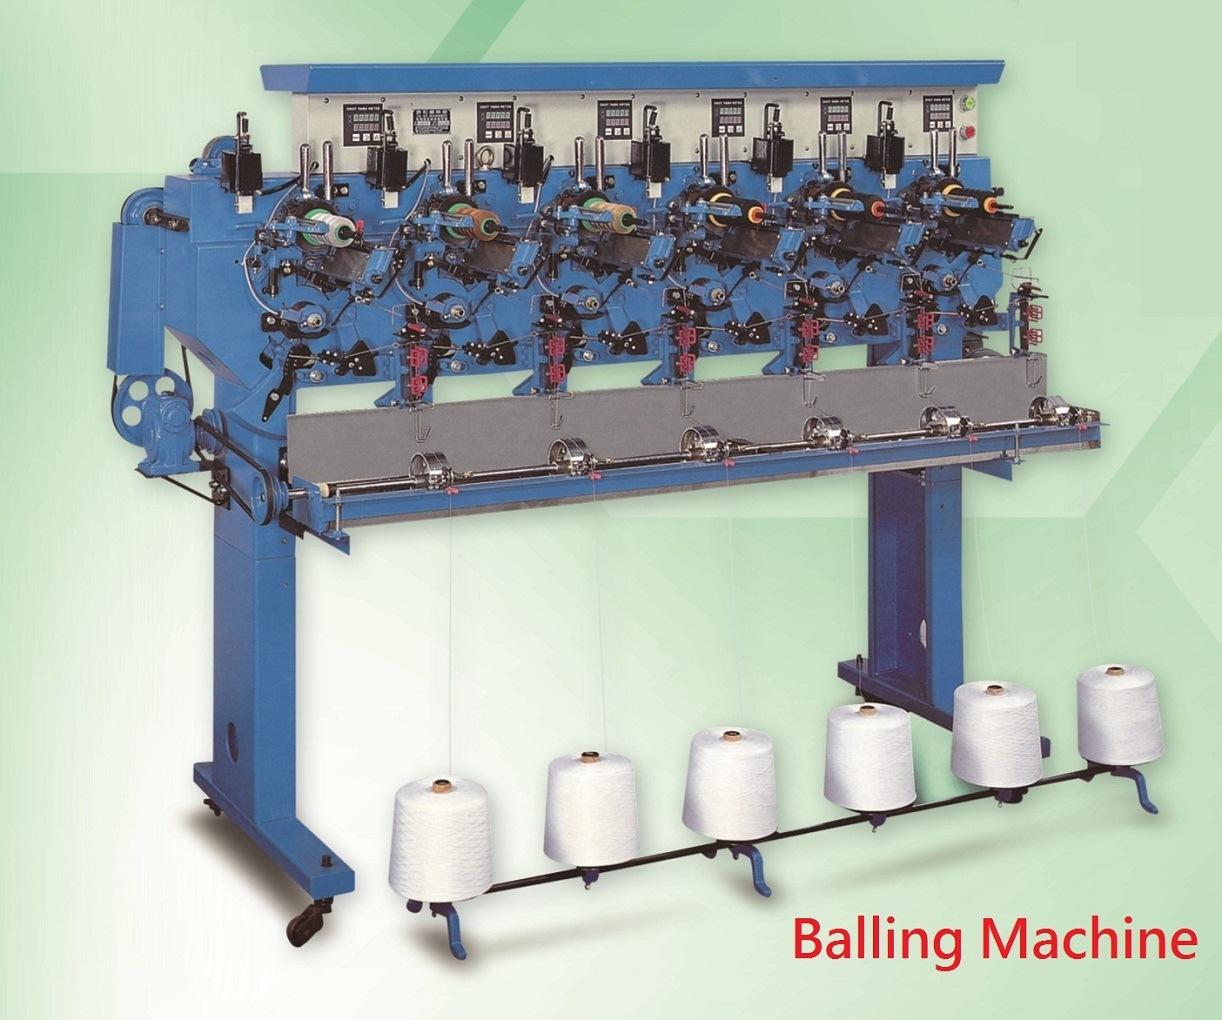 Balling Machine